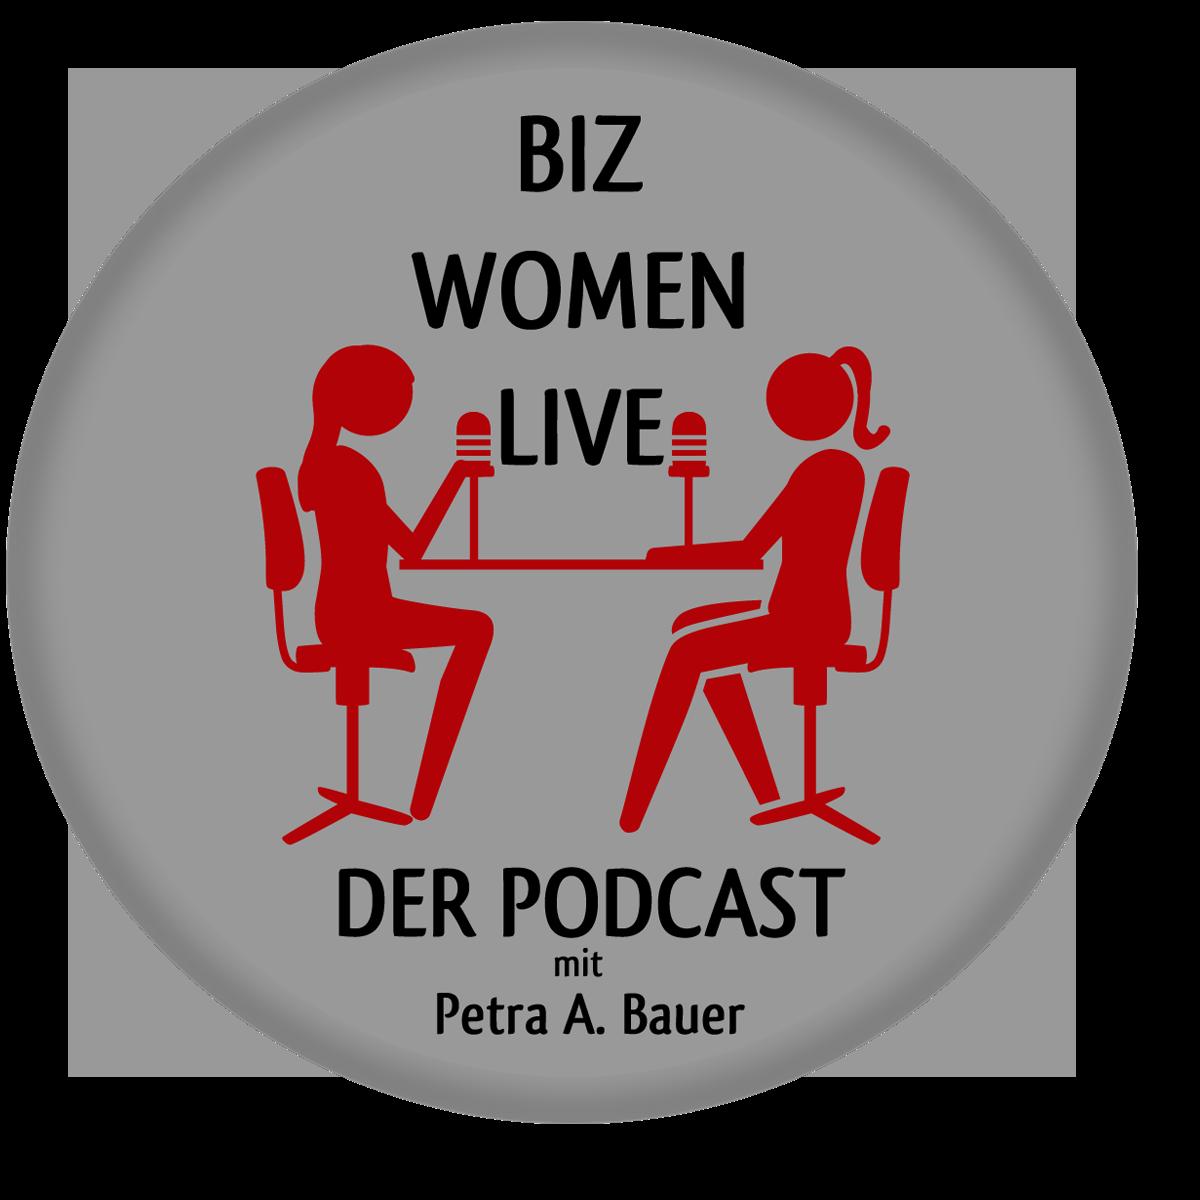 BIZ WOMEN LIVE - Der Podcast für berufstätige Frauen und Mütter